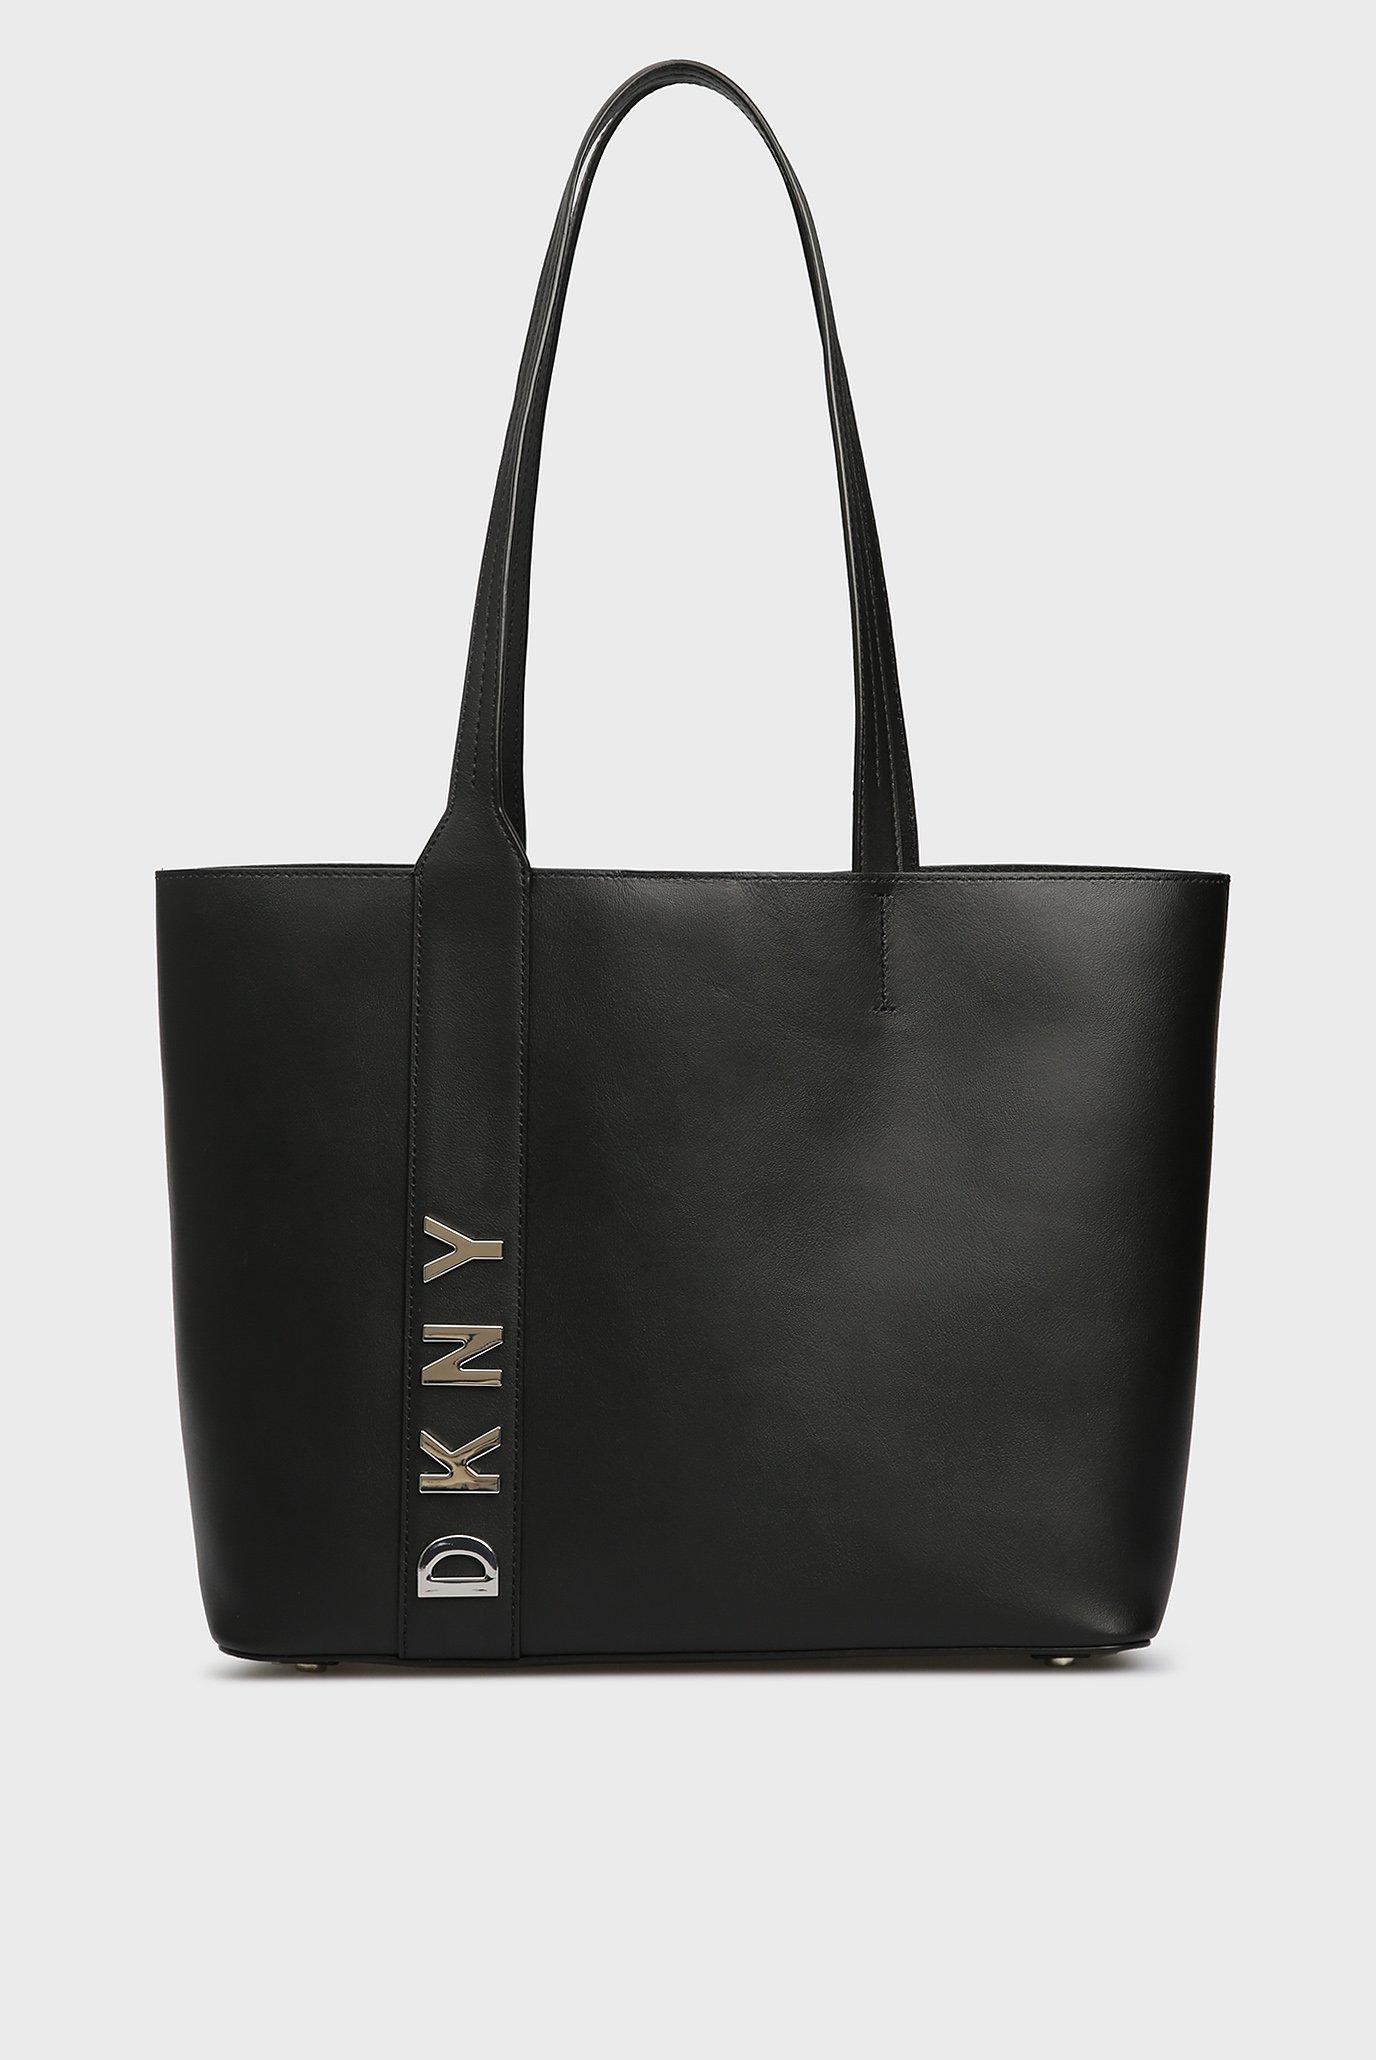 Купить Женская черная кожаная сумка на плечо DKNY DKNY R83AH641 – Киев,  Украина. Цены в интернет магазине ... 150dd62a5bb